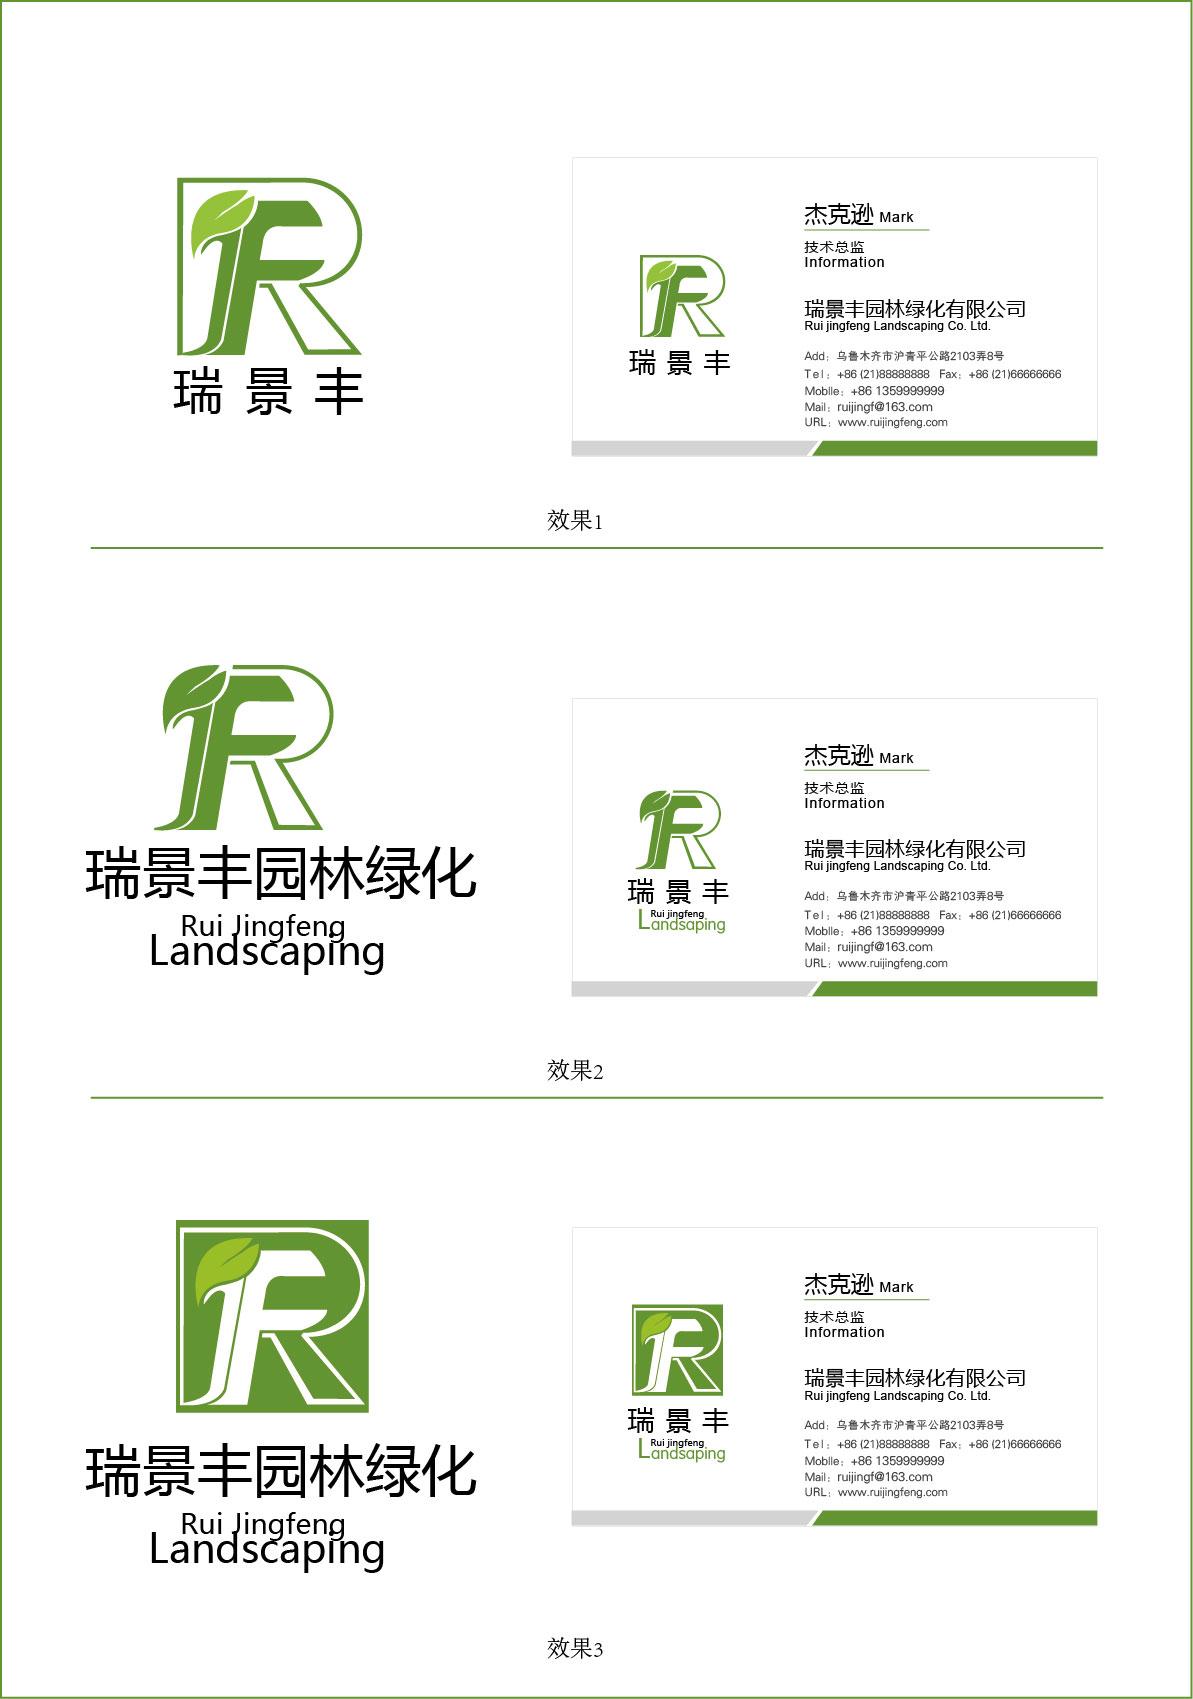 园林绿化公司logo和名片设计_logo设计_商标/vi设计